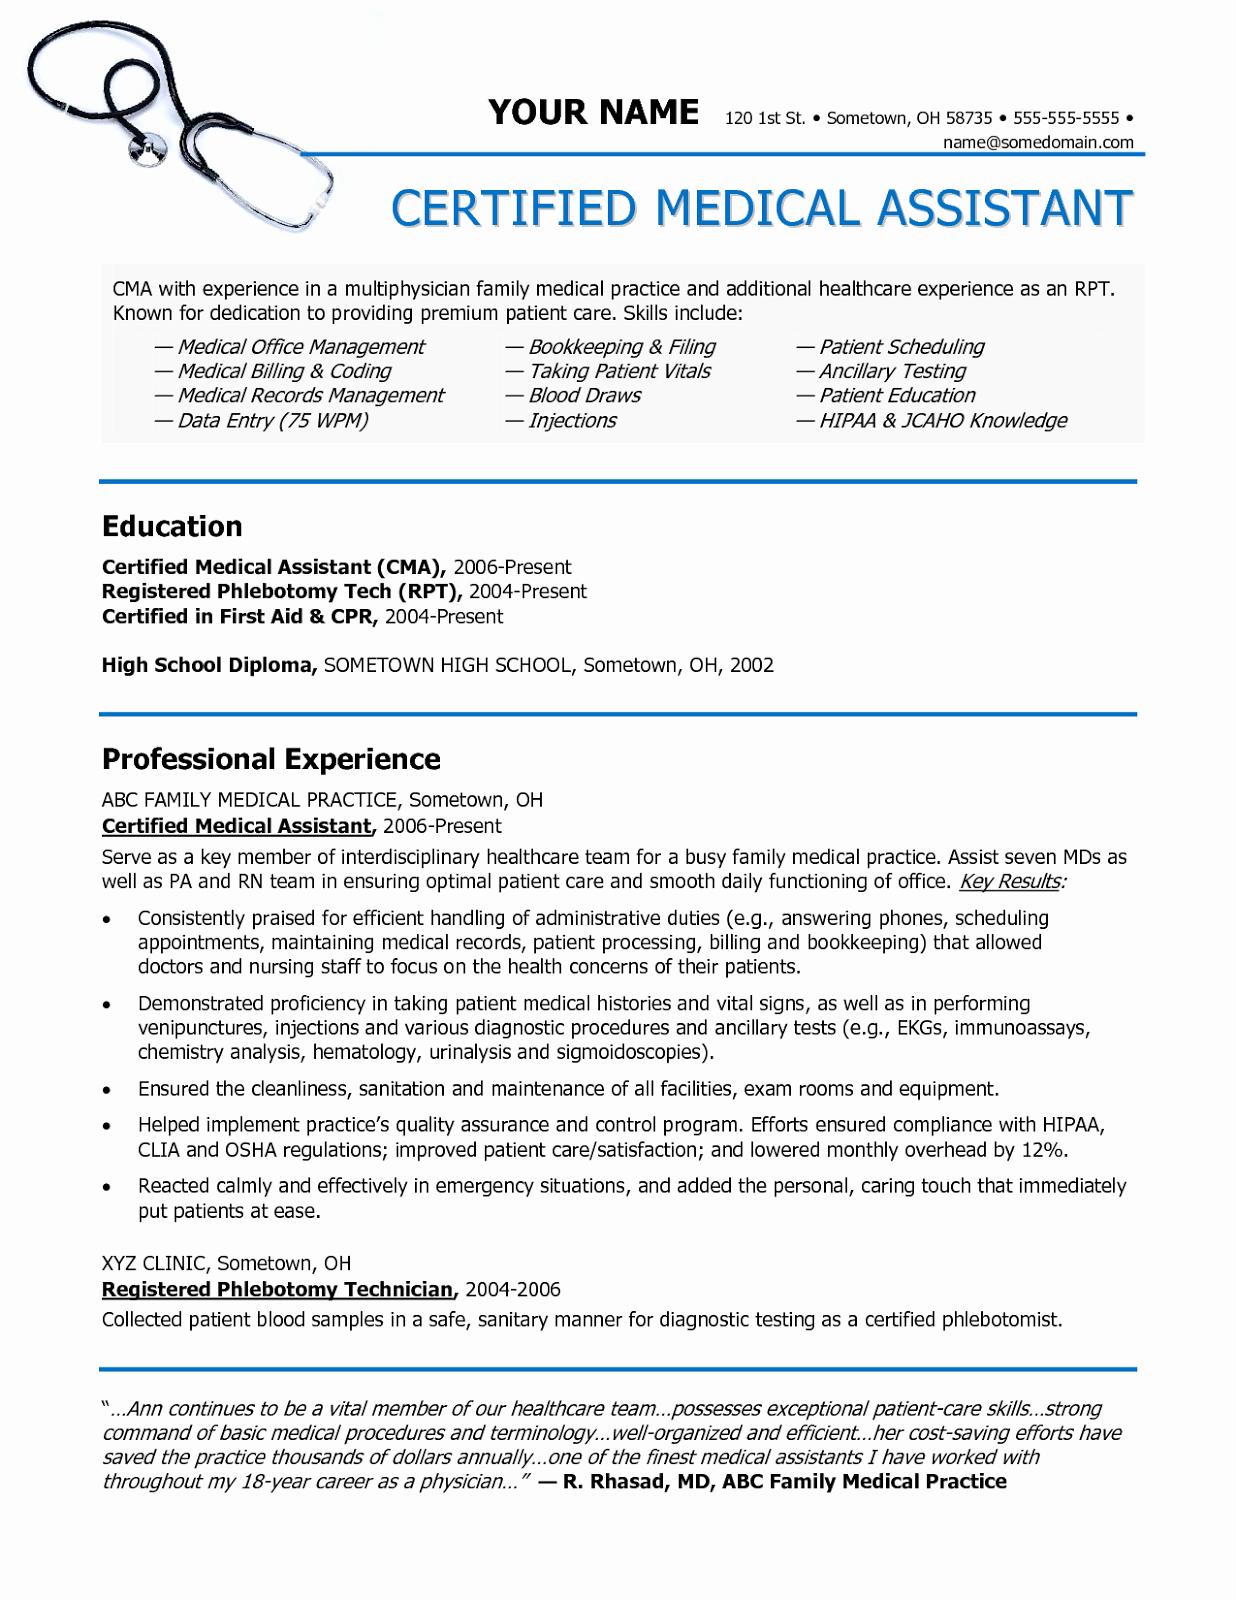 Medical assistant Resume Template Elegant Sample Of A Medical assistant Resume